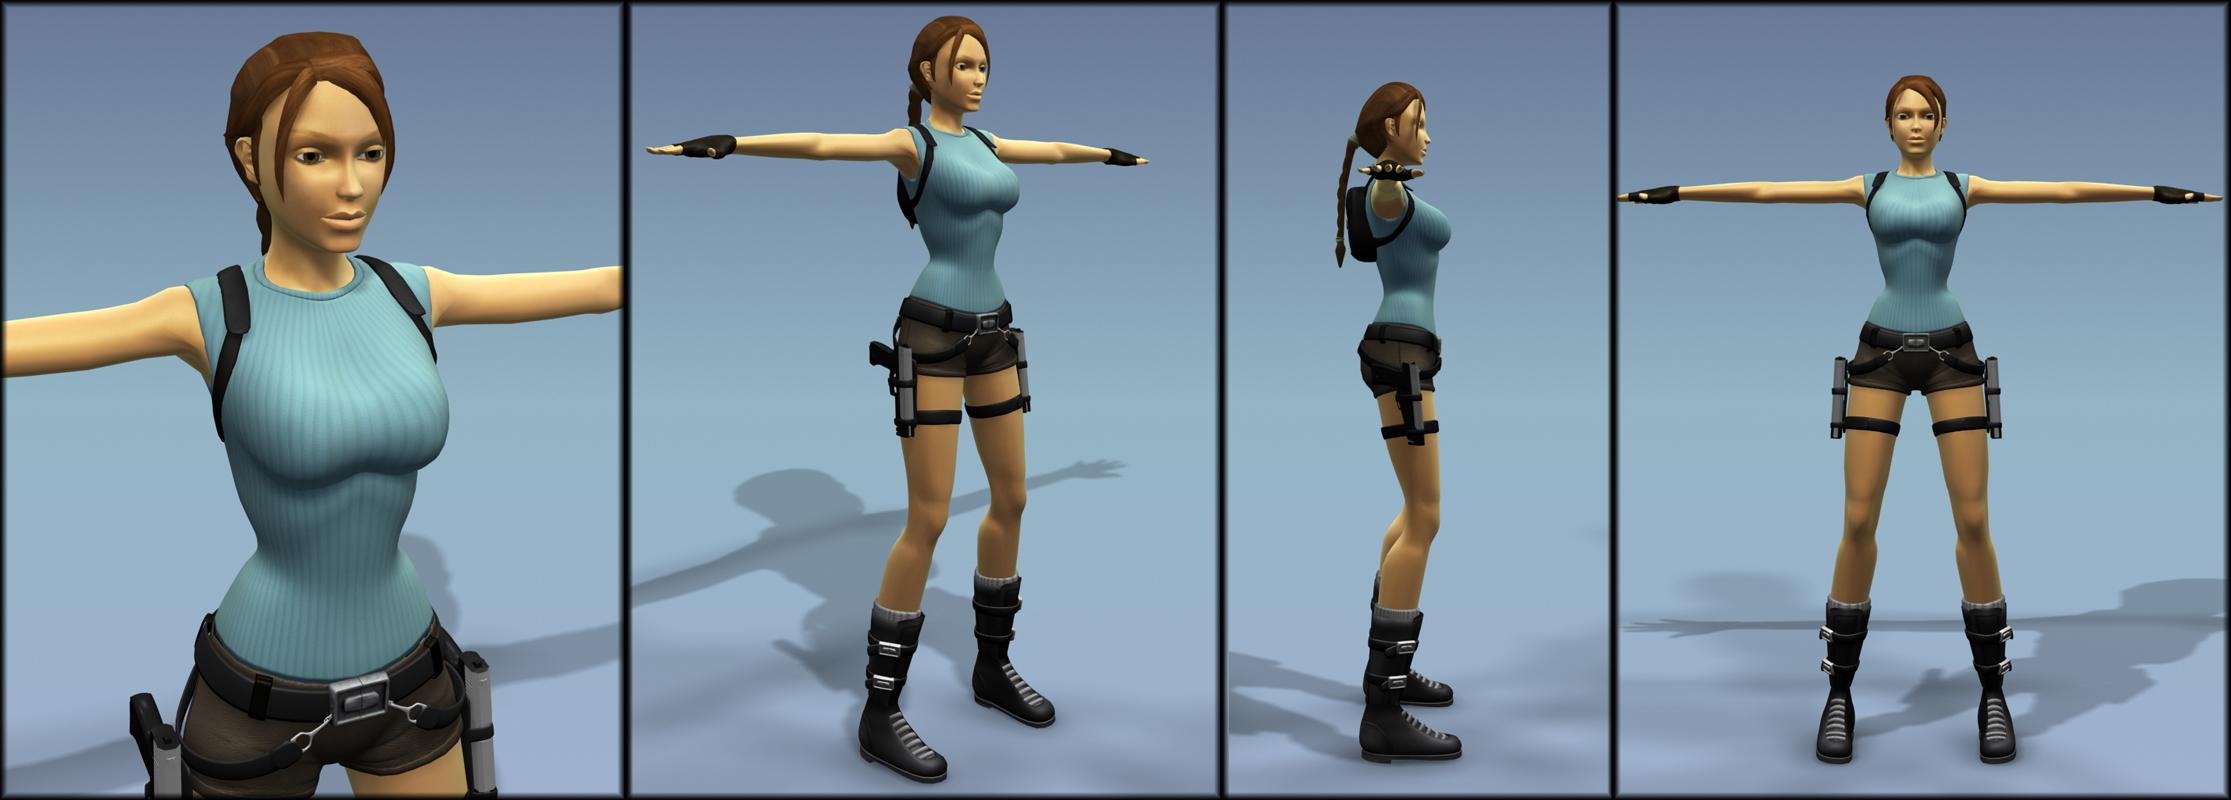 Lara 3d adult comics